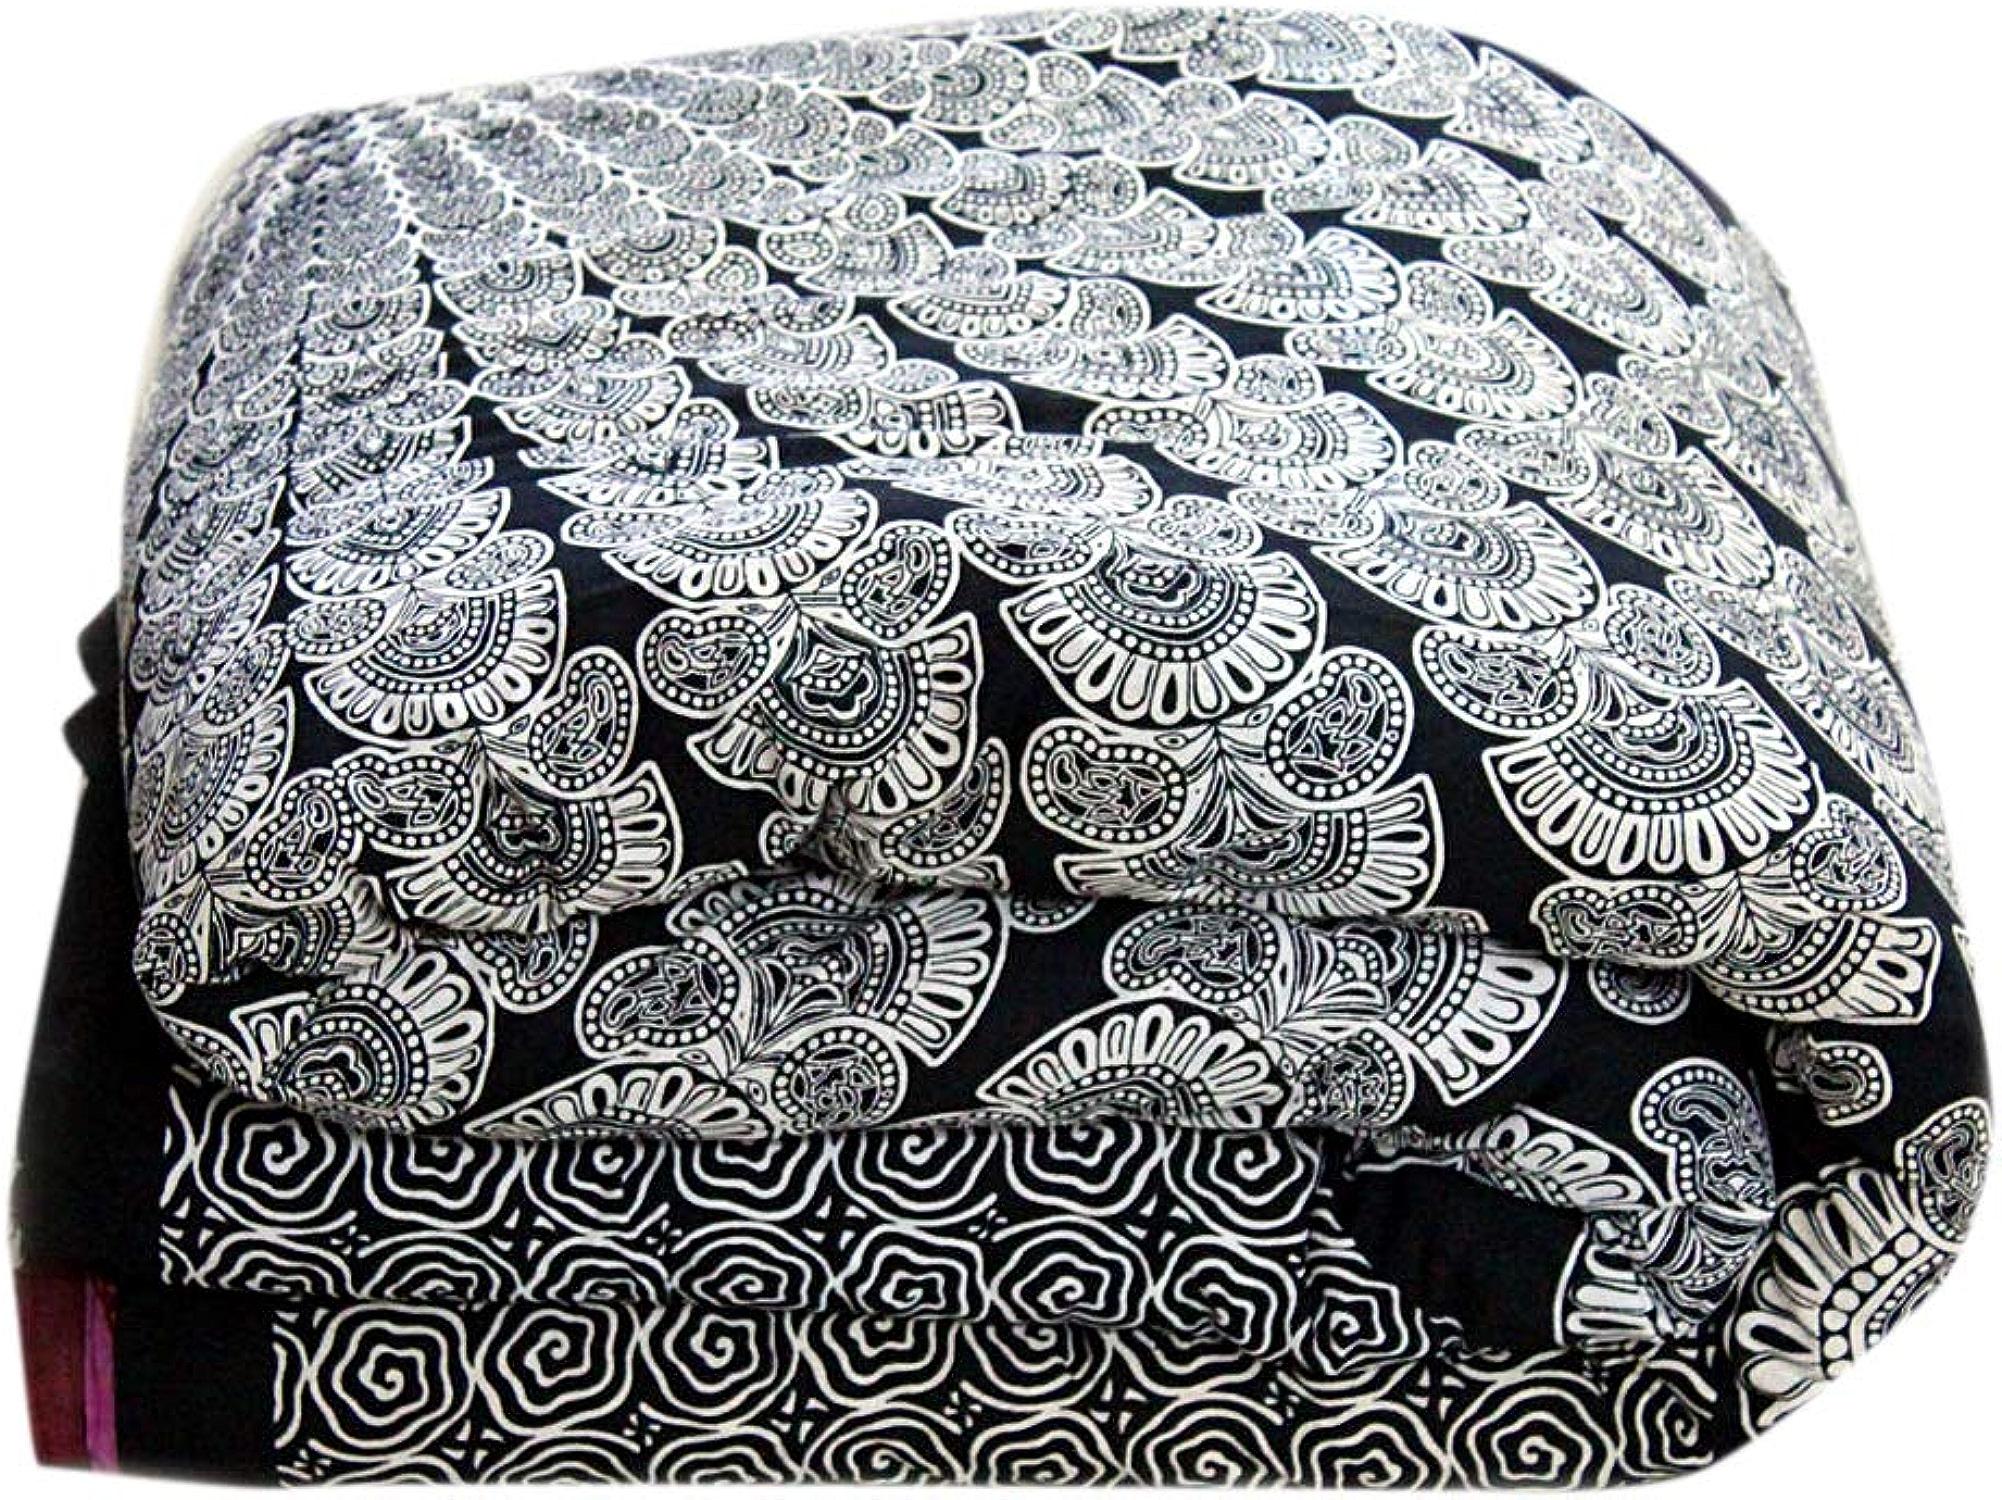 Marusthali noir et blanc couverture de couette psychédélique de douillette de couverture de couette de lit simple jeter la couverture de couette indienne et taie d'oreiller lit de jet de Bohème dans un ensemble de sac avec la feuille de lit